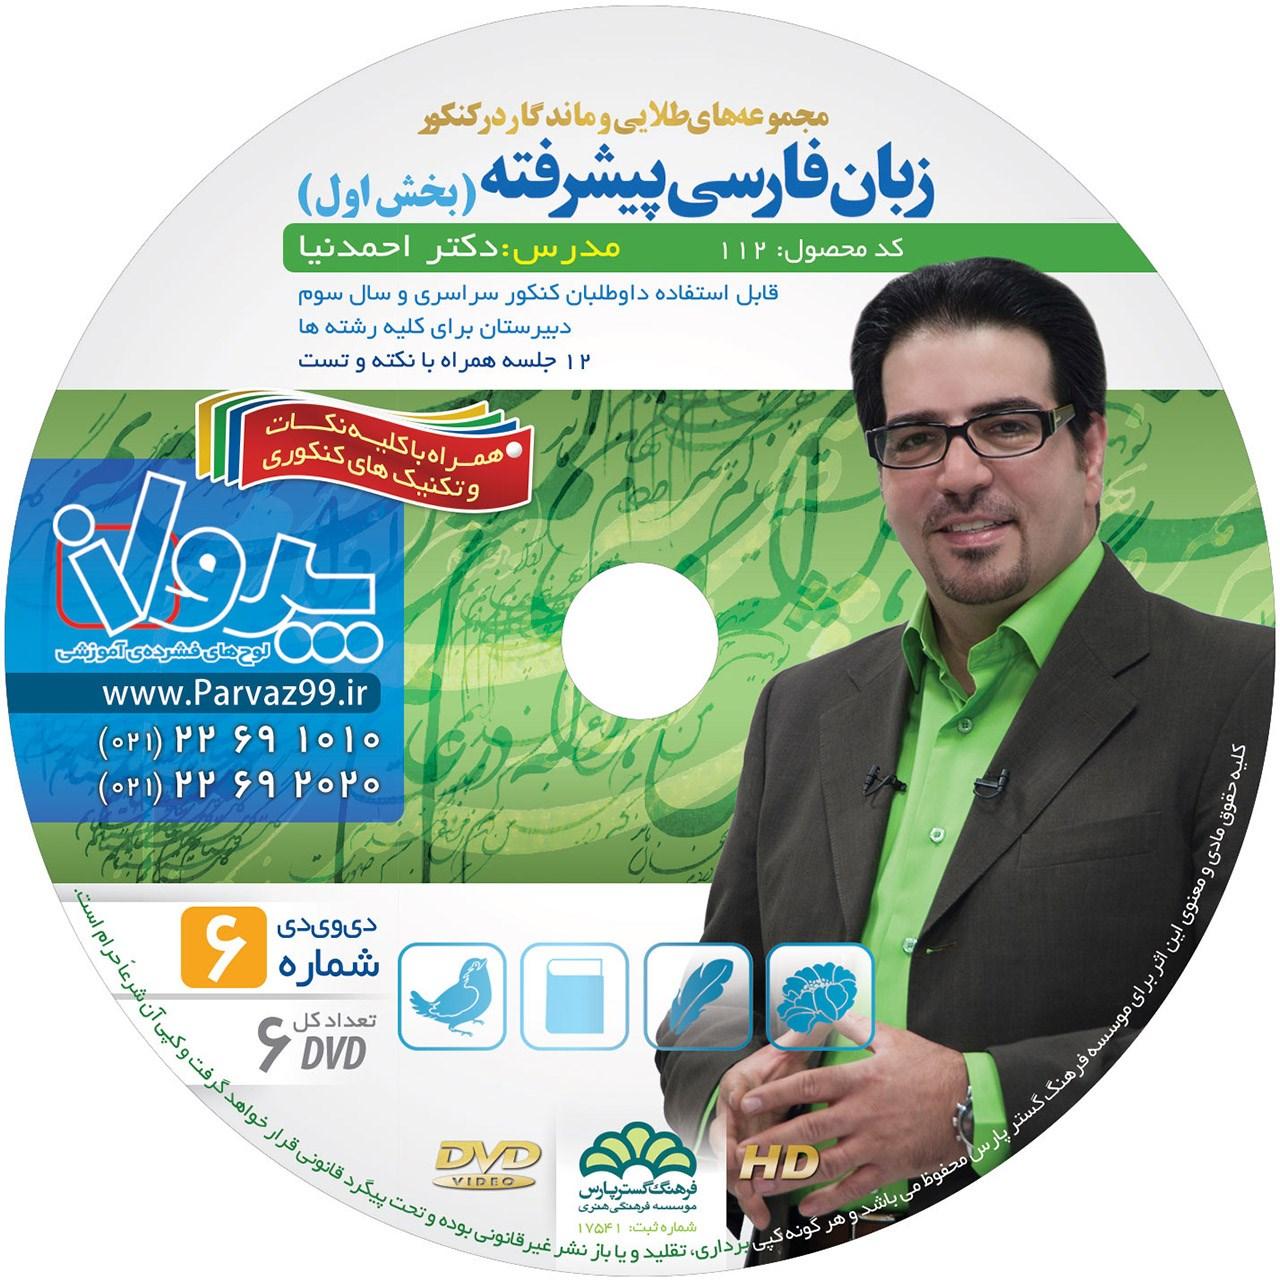 آموزش تصویری زبان فارسی پیشرفته بخش اول نشر پرواز کد 112